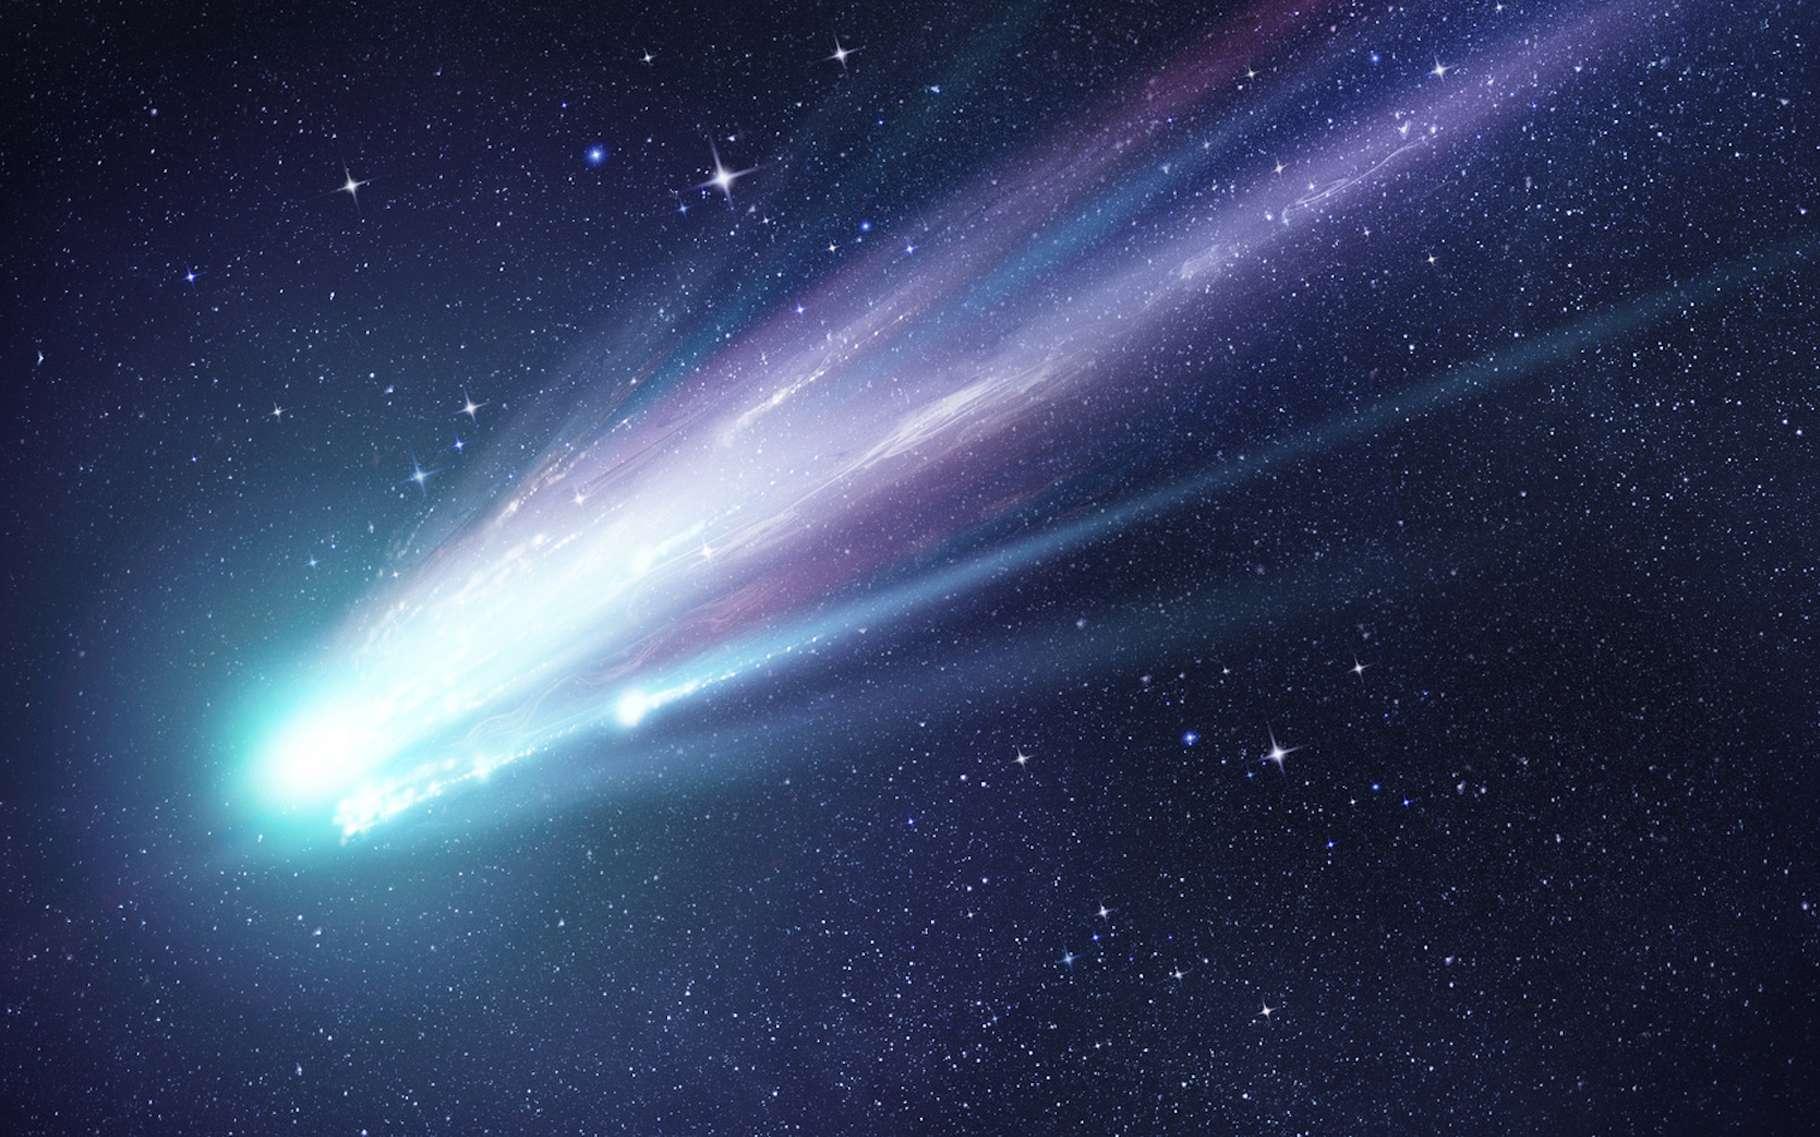 Un deuxième visiteur interstellaire comme 'Oumuamua découvert ?